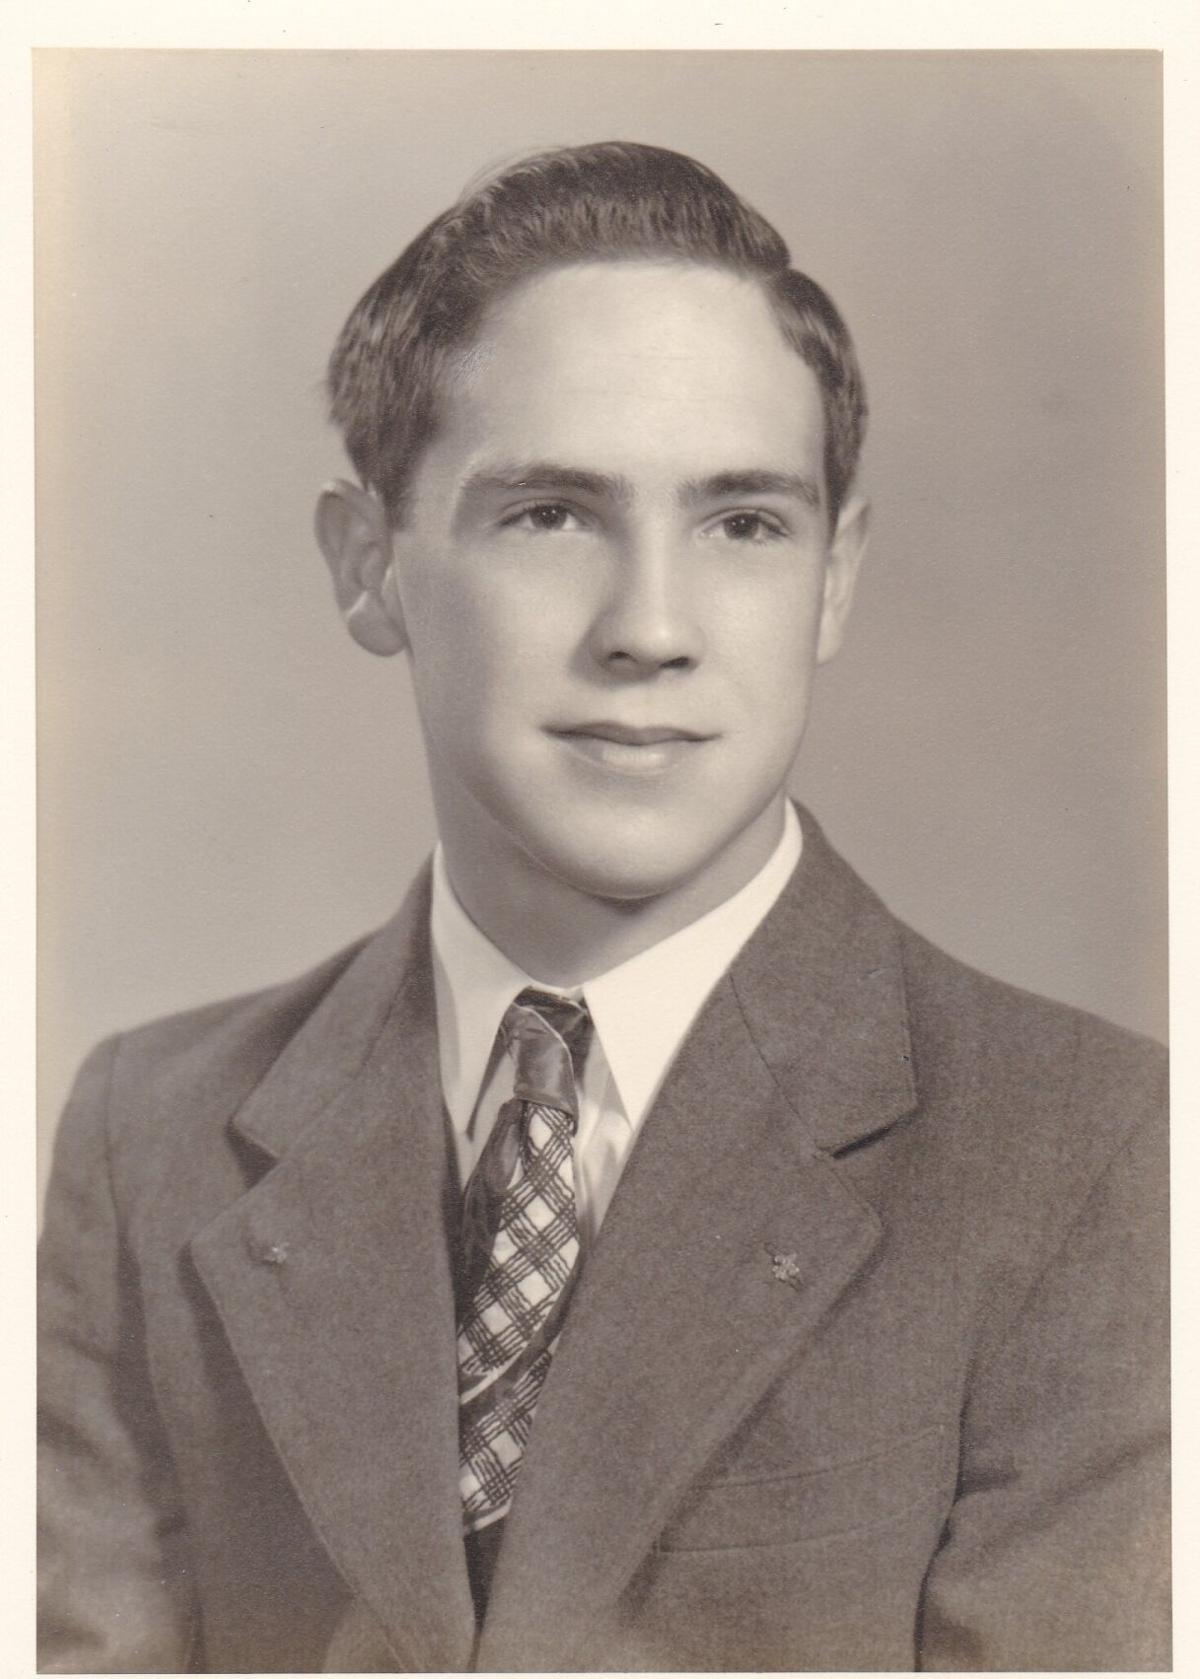 Gerald Bender